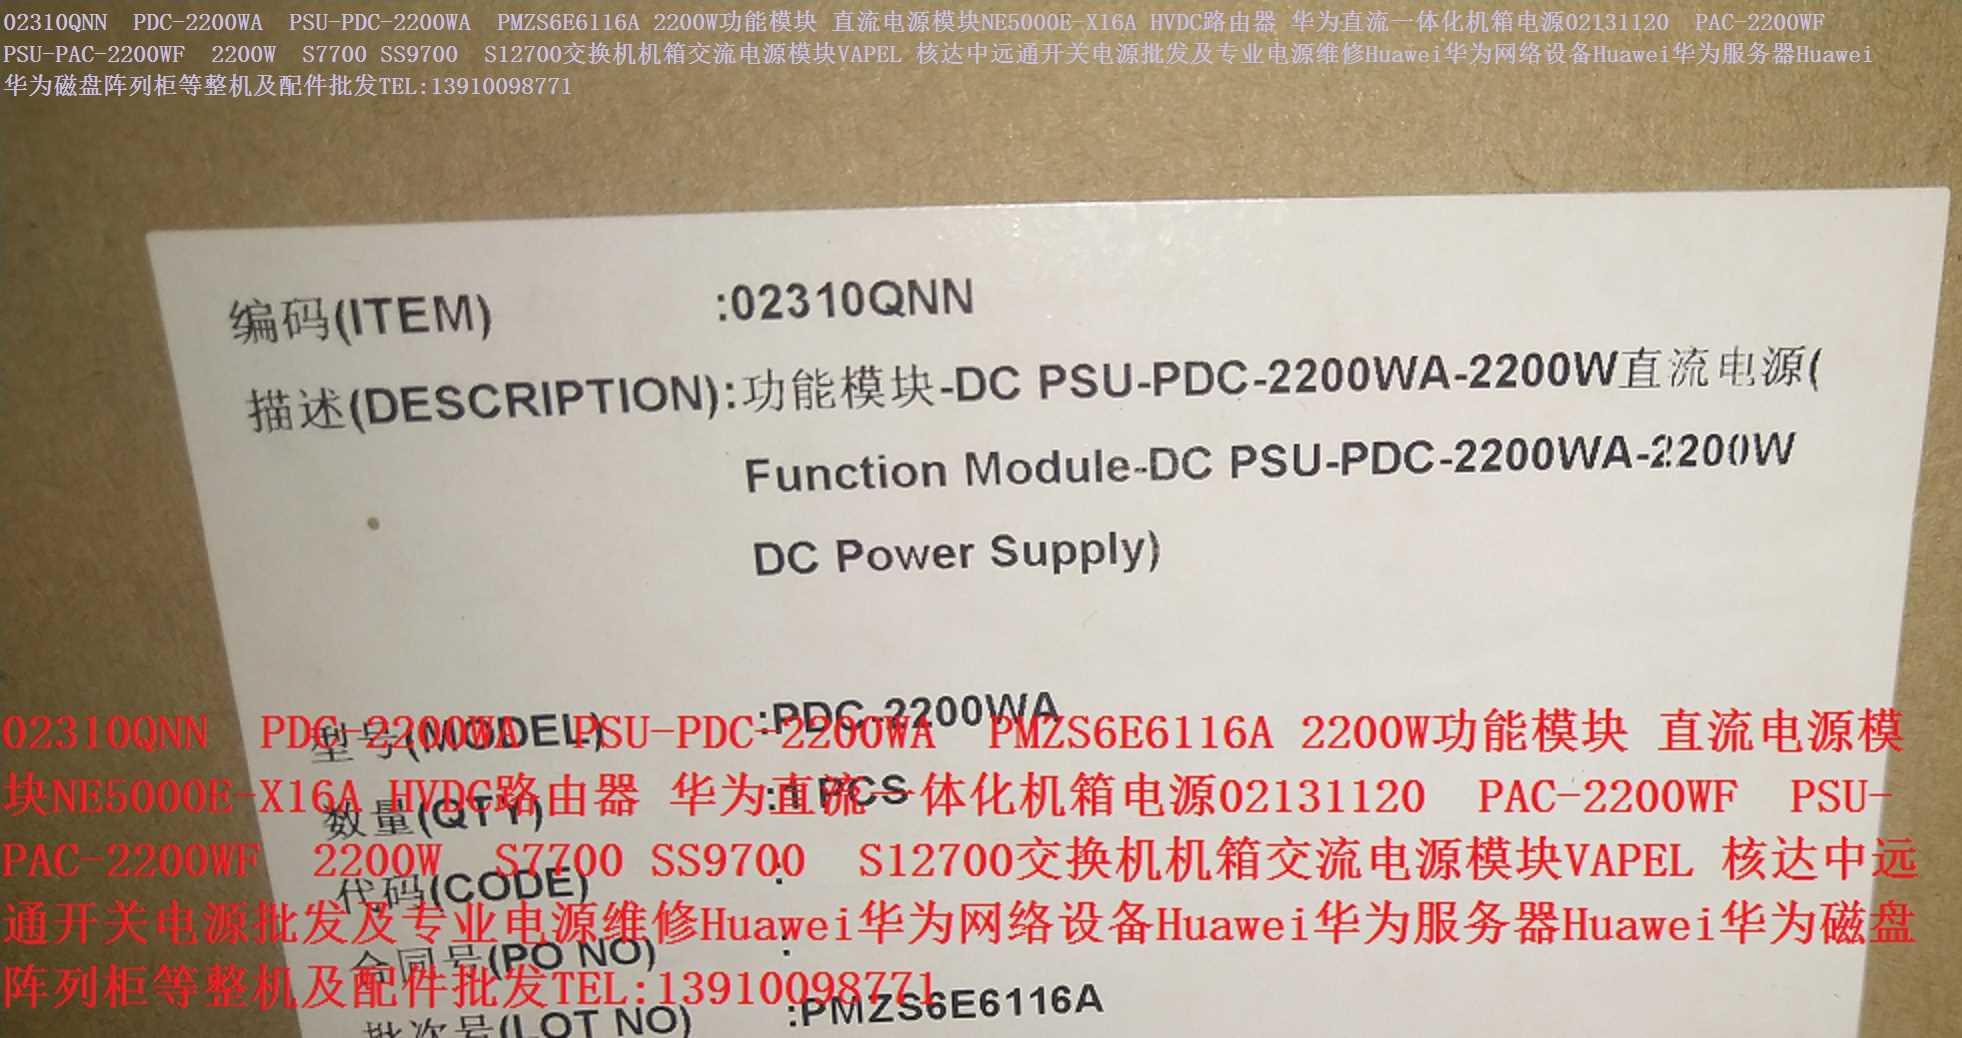 02310QNN  PDC-2200WA  PSU-PDC-2200WA  PMZS6E6116A 2200W功能模块 直流电源模块NE5000E-X16A HVDC路由器 华为直流一体化机箱电源02131120  PAC-2200WF